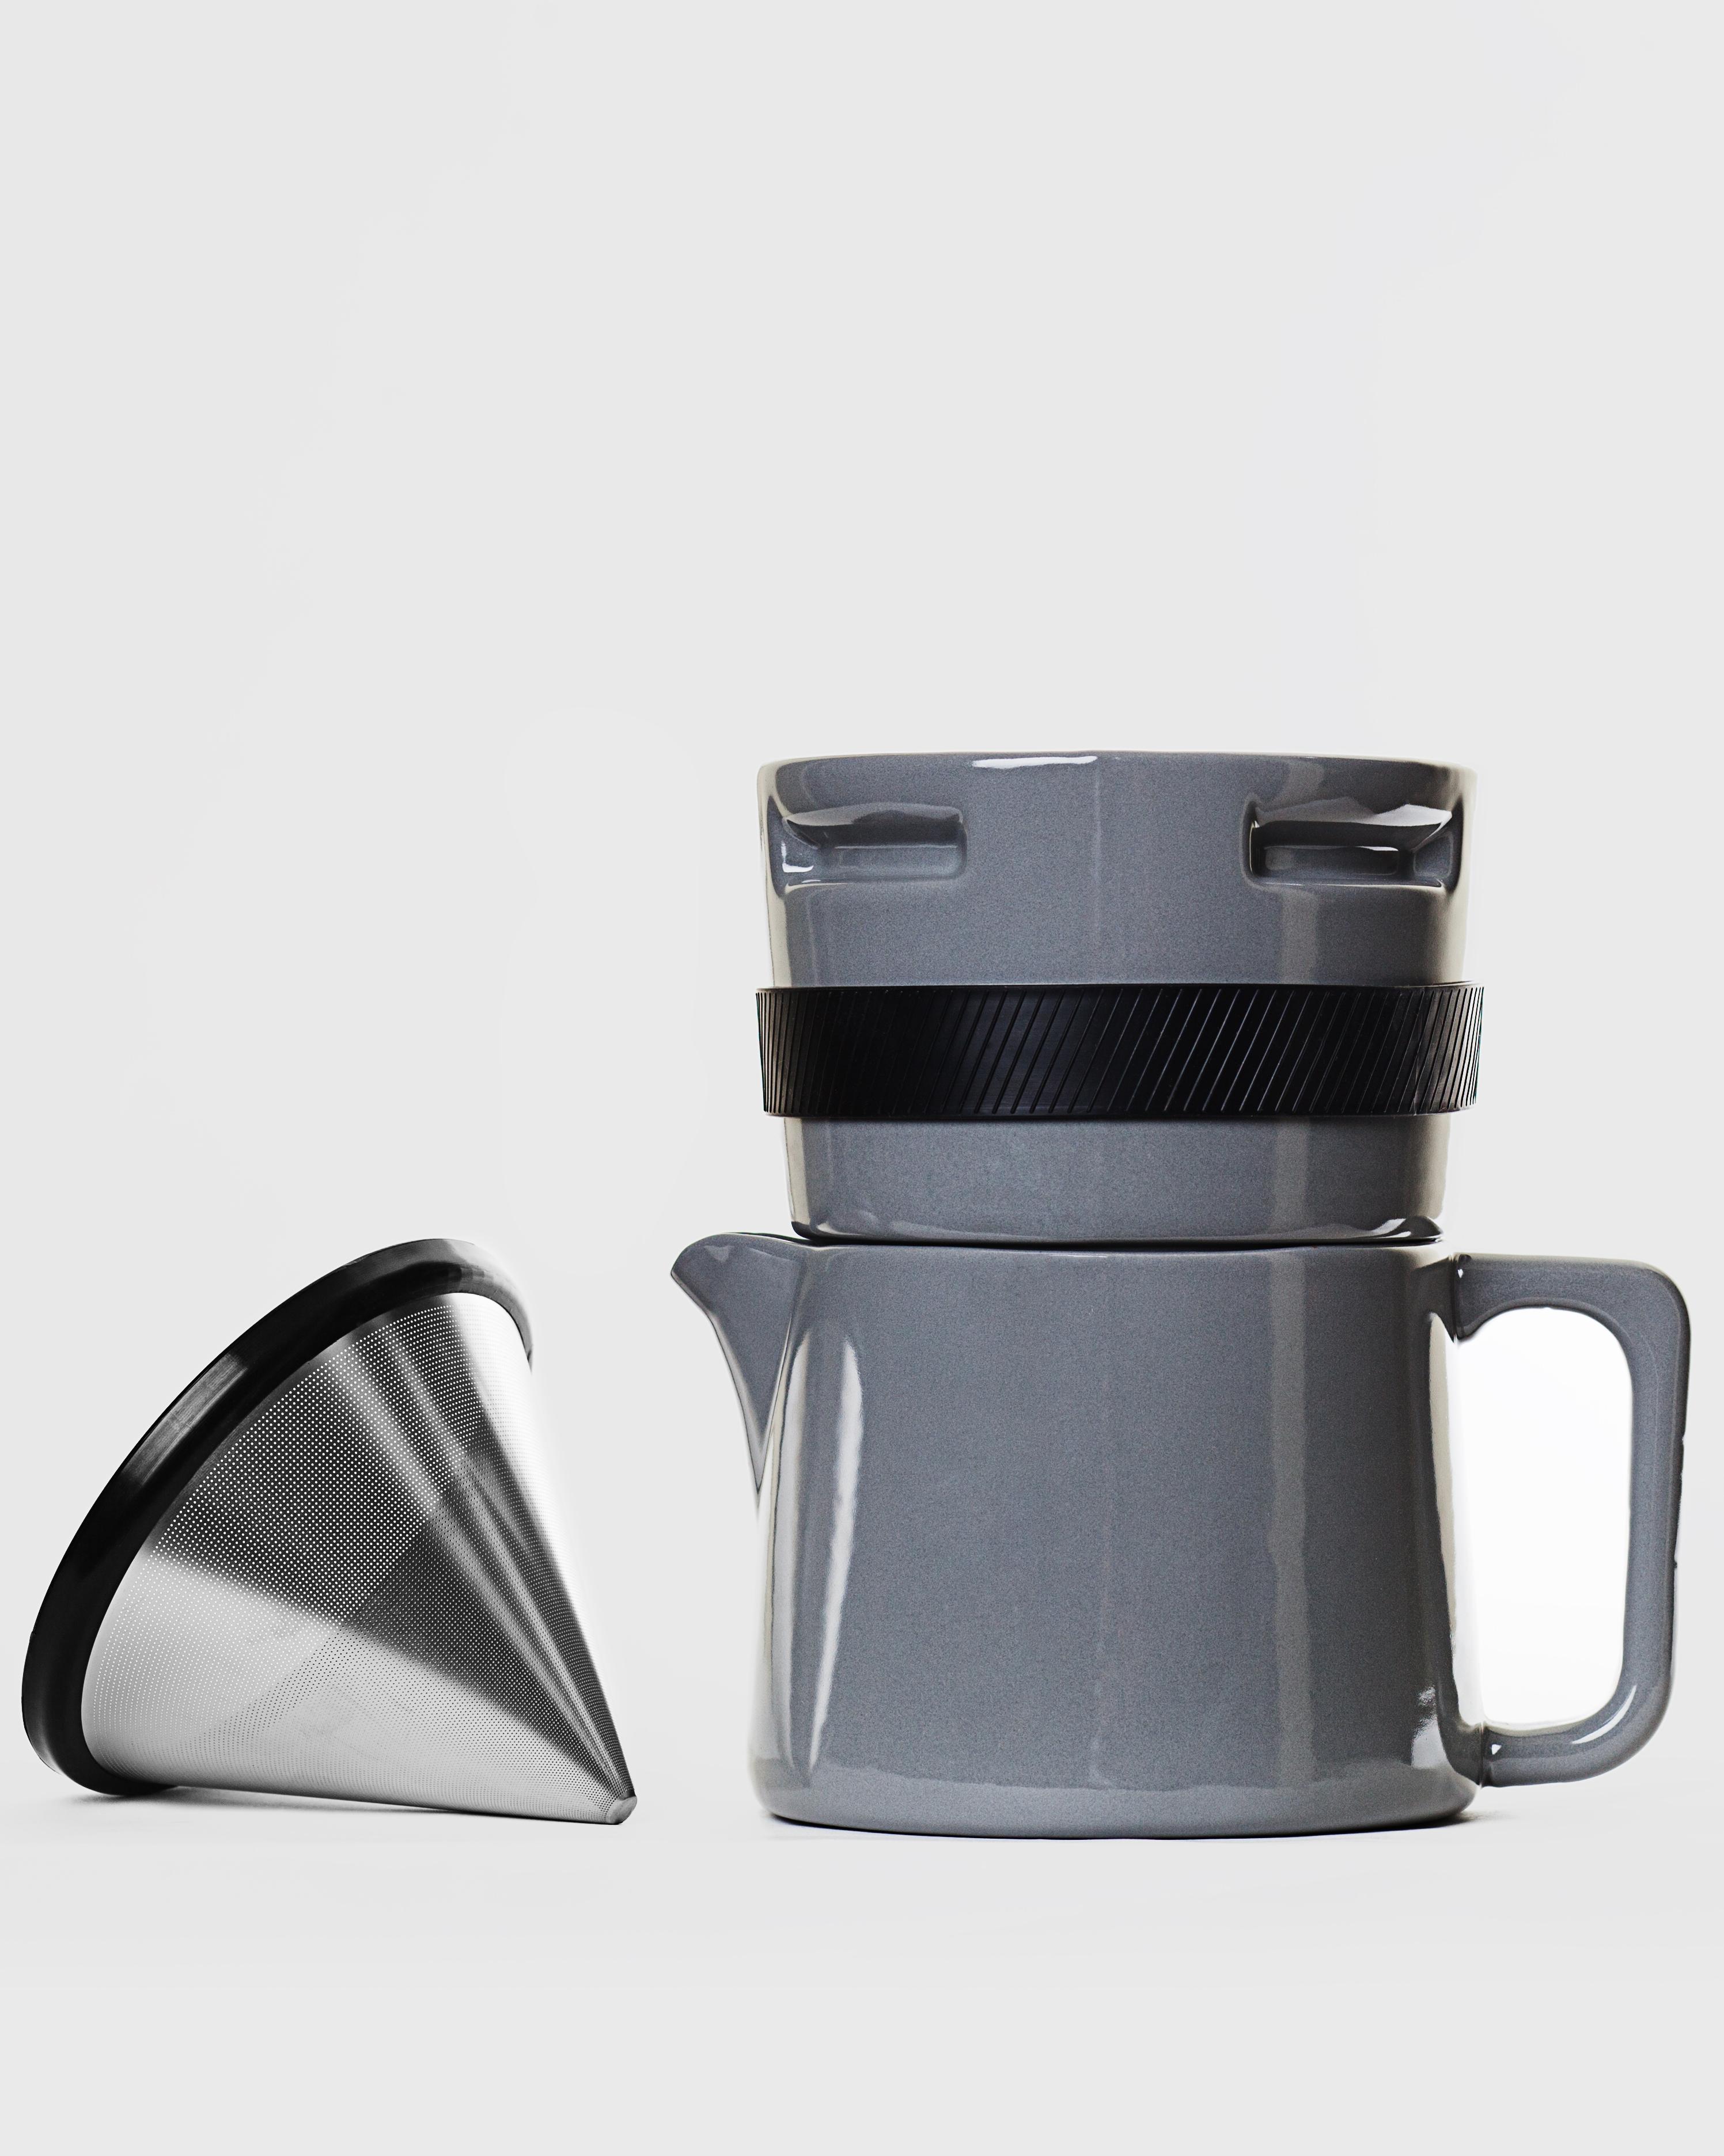 coffee-makers-registry-kone-able-0914.jpg